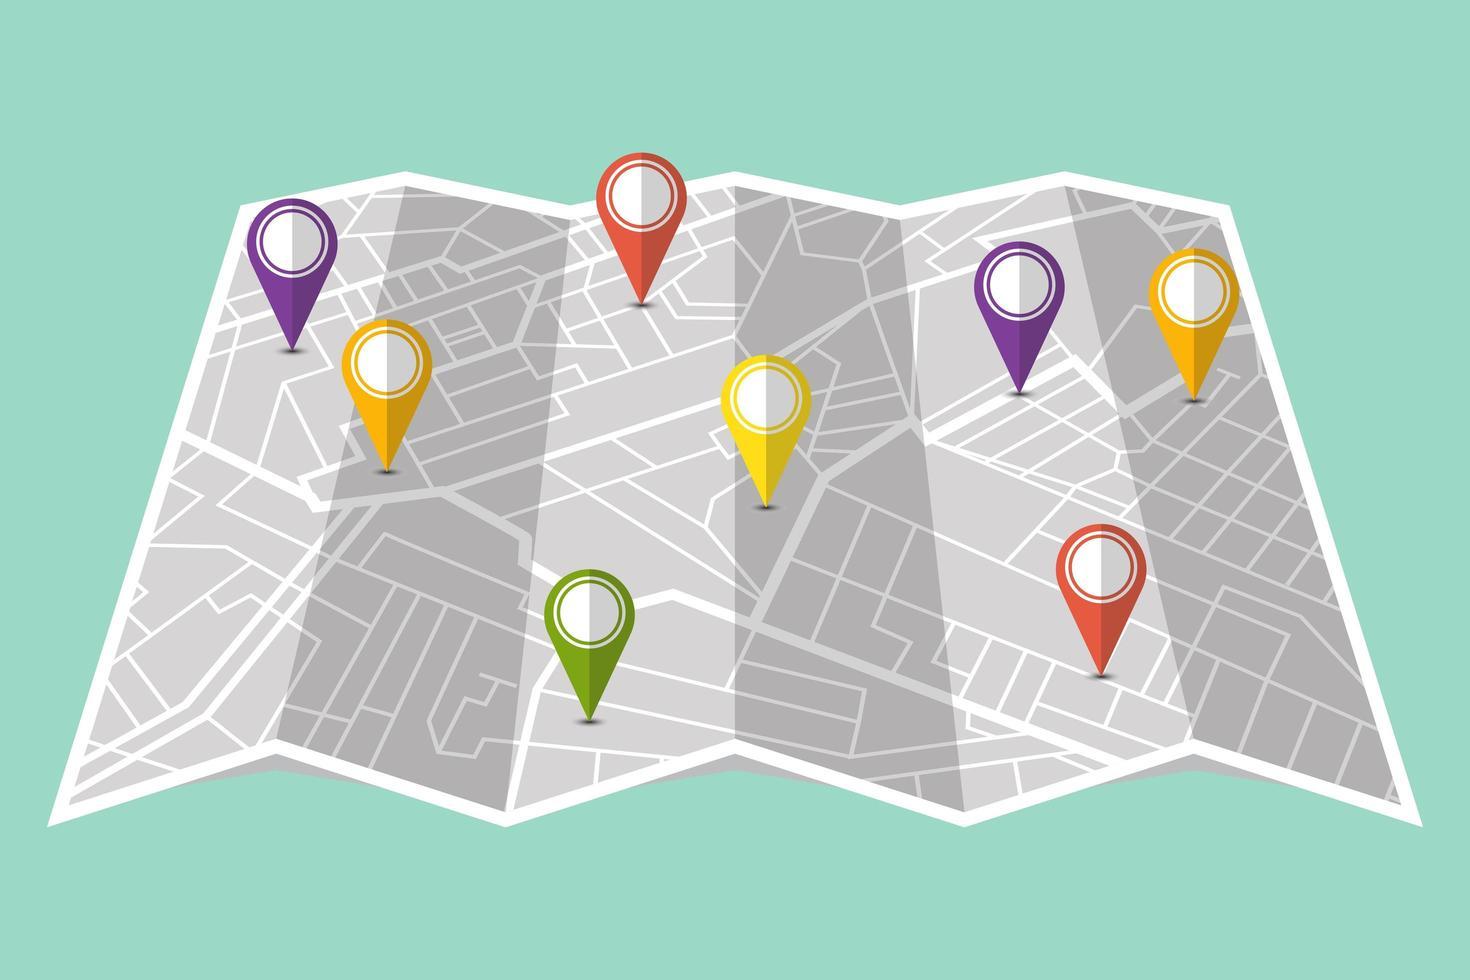 pino em mostrar localização no mapa do navegador vetor